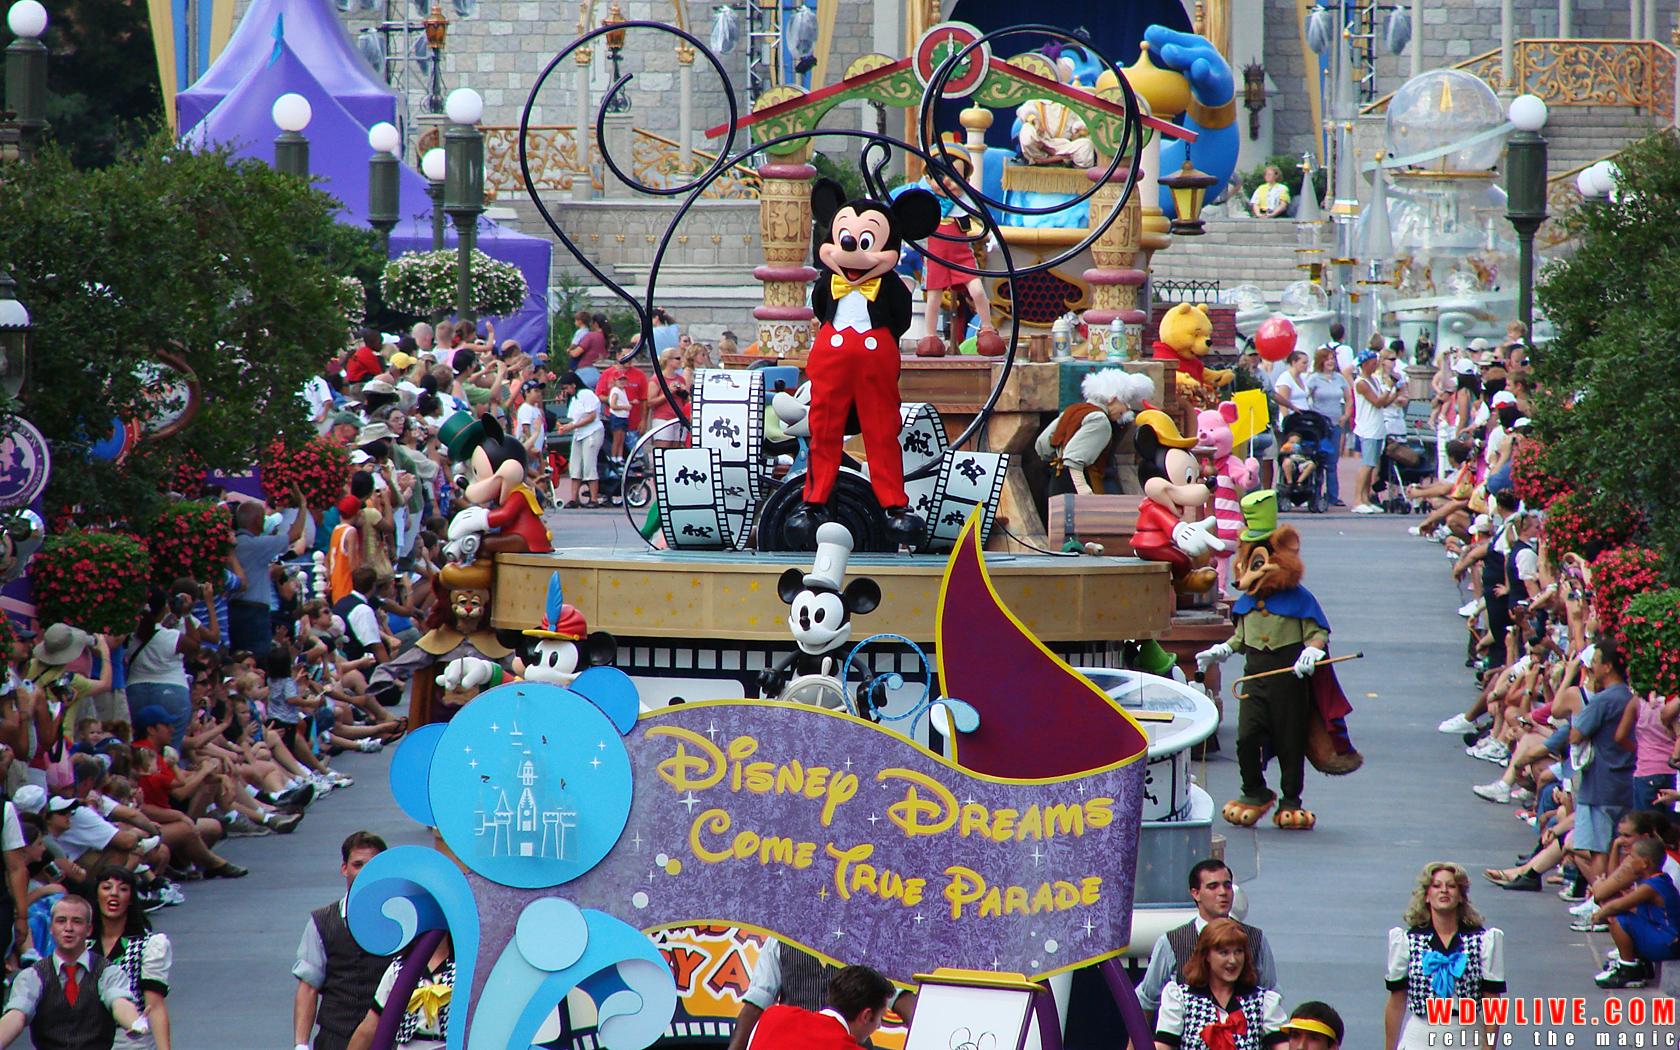 Disney Dreams Come True Parade Disney Desktop Wallpaper 1680x1050